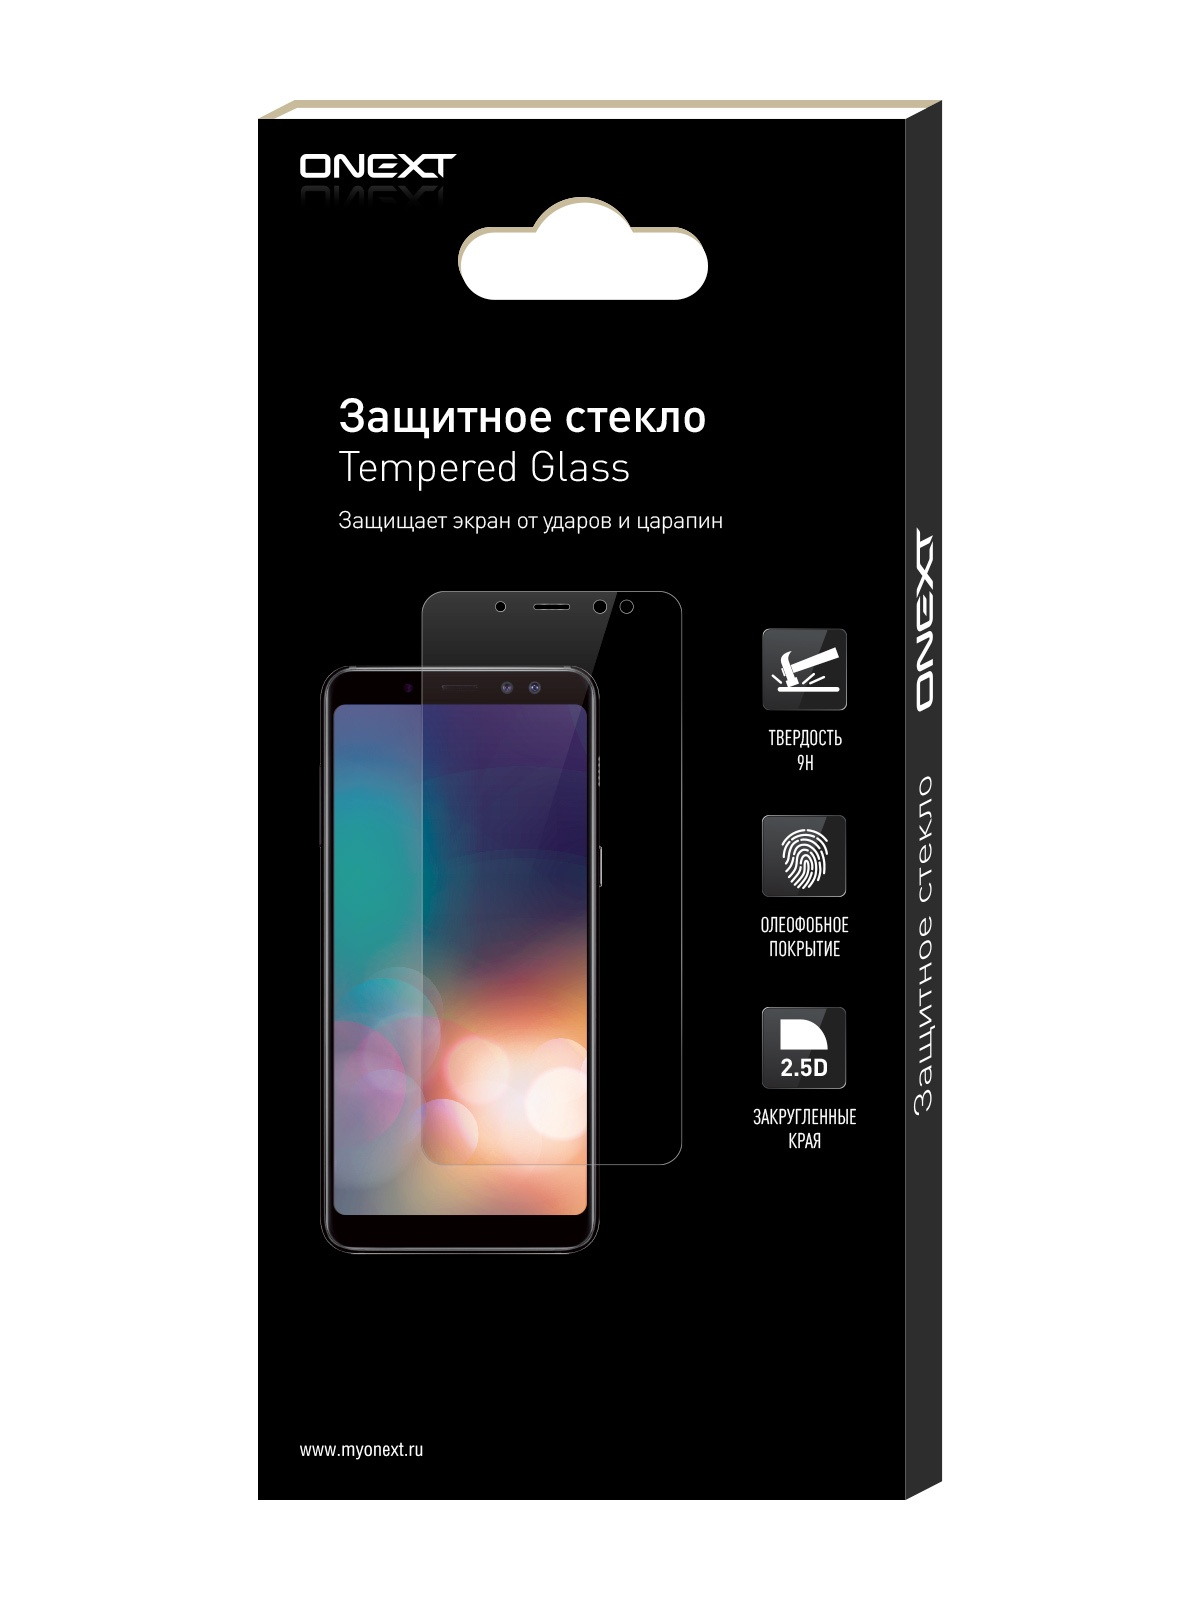 Защитное стекло ONEXT HTC 628 защитное стекло onext htc u play